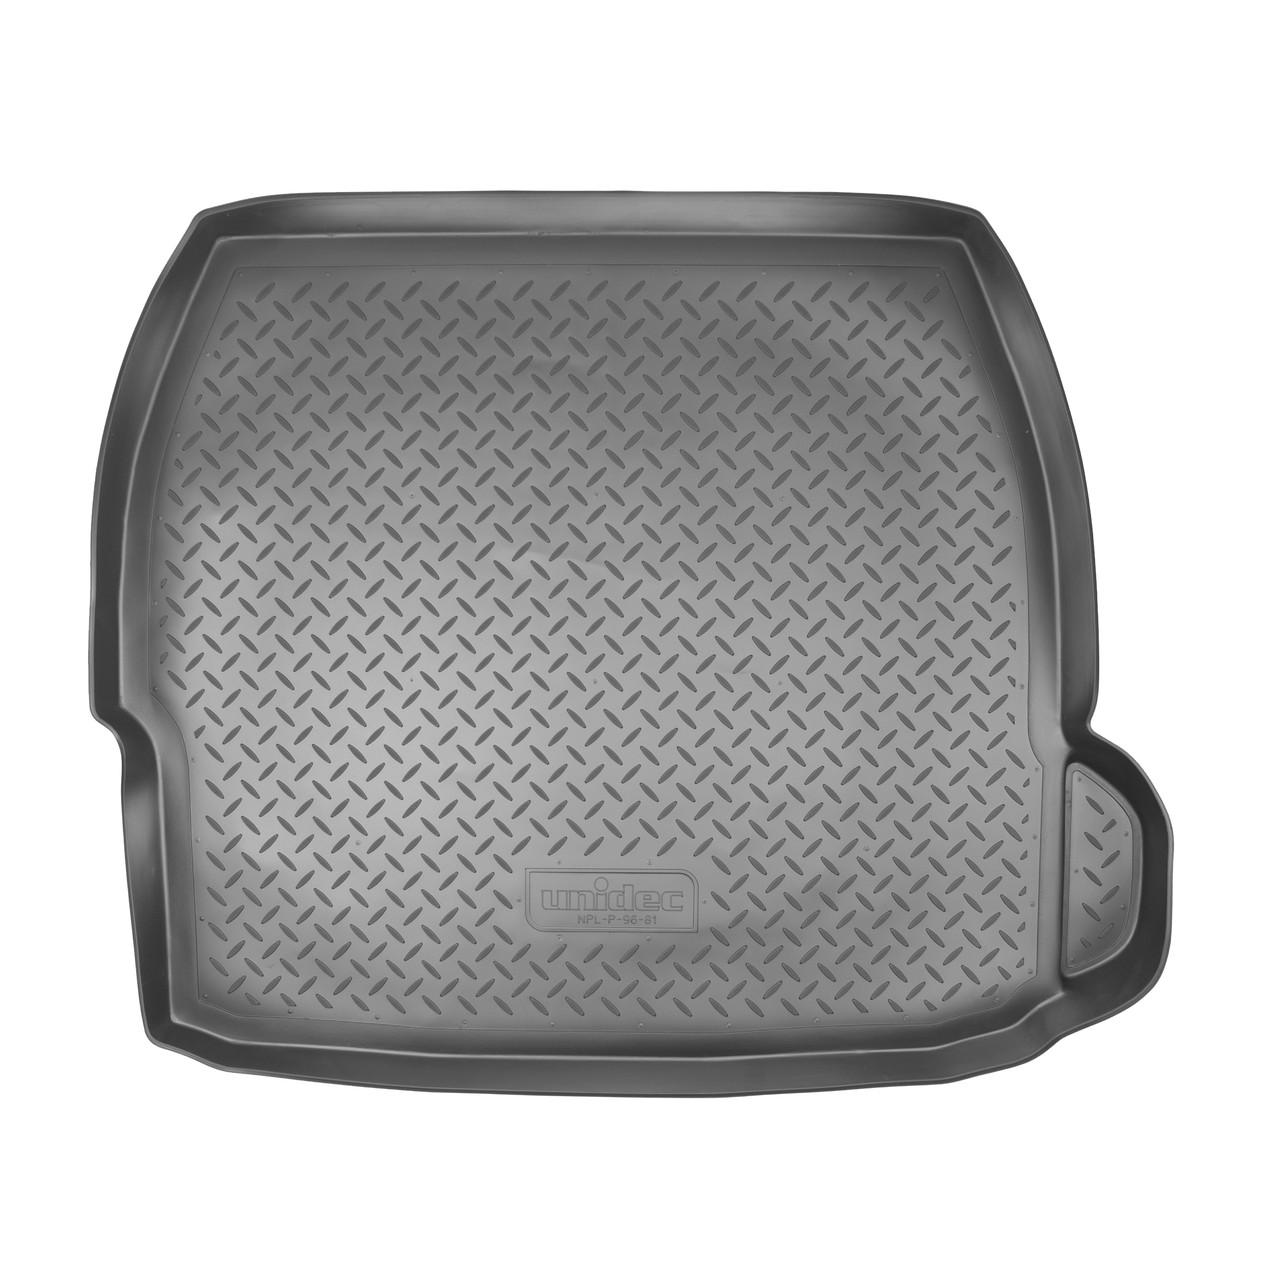 Коврик в багажник Volvo S80 SD (2006)